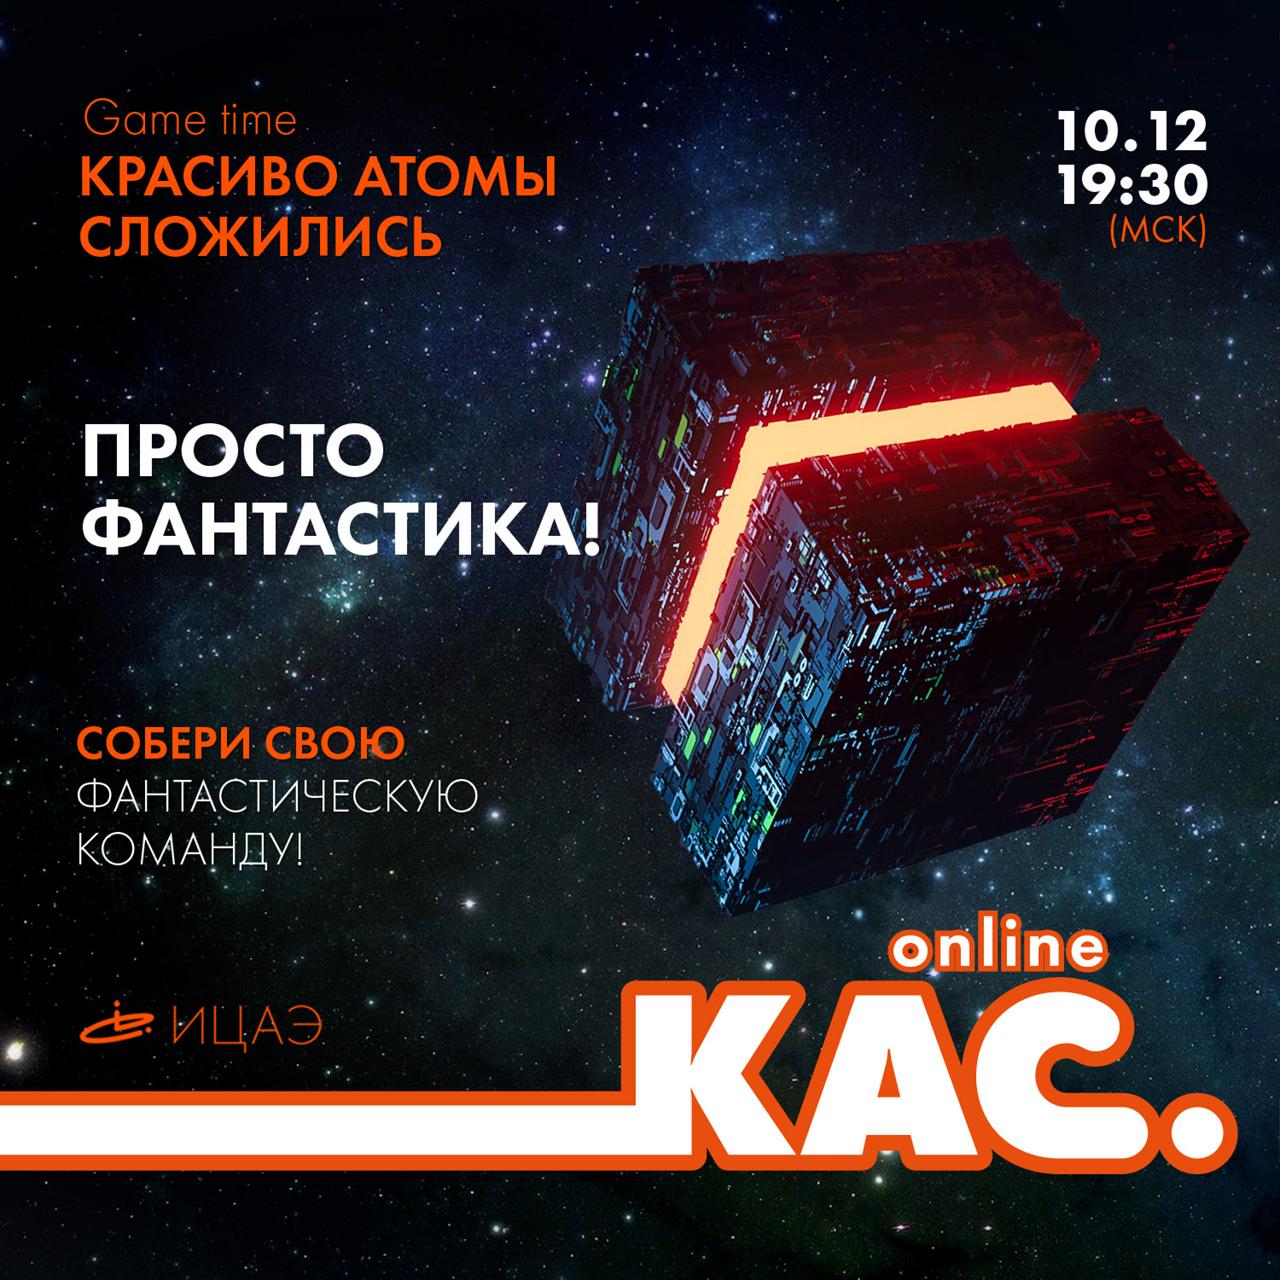 Интеллектуальная командная онлайн-игра от ИЦАЭ «Красиво атомы сложились: просто фантастика»